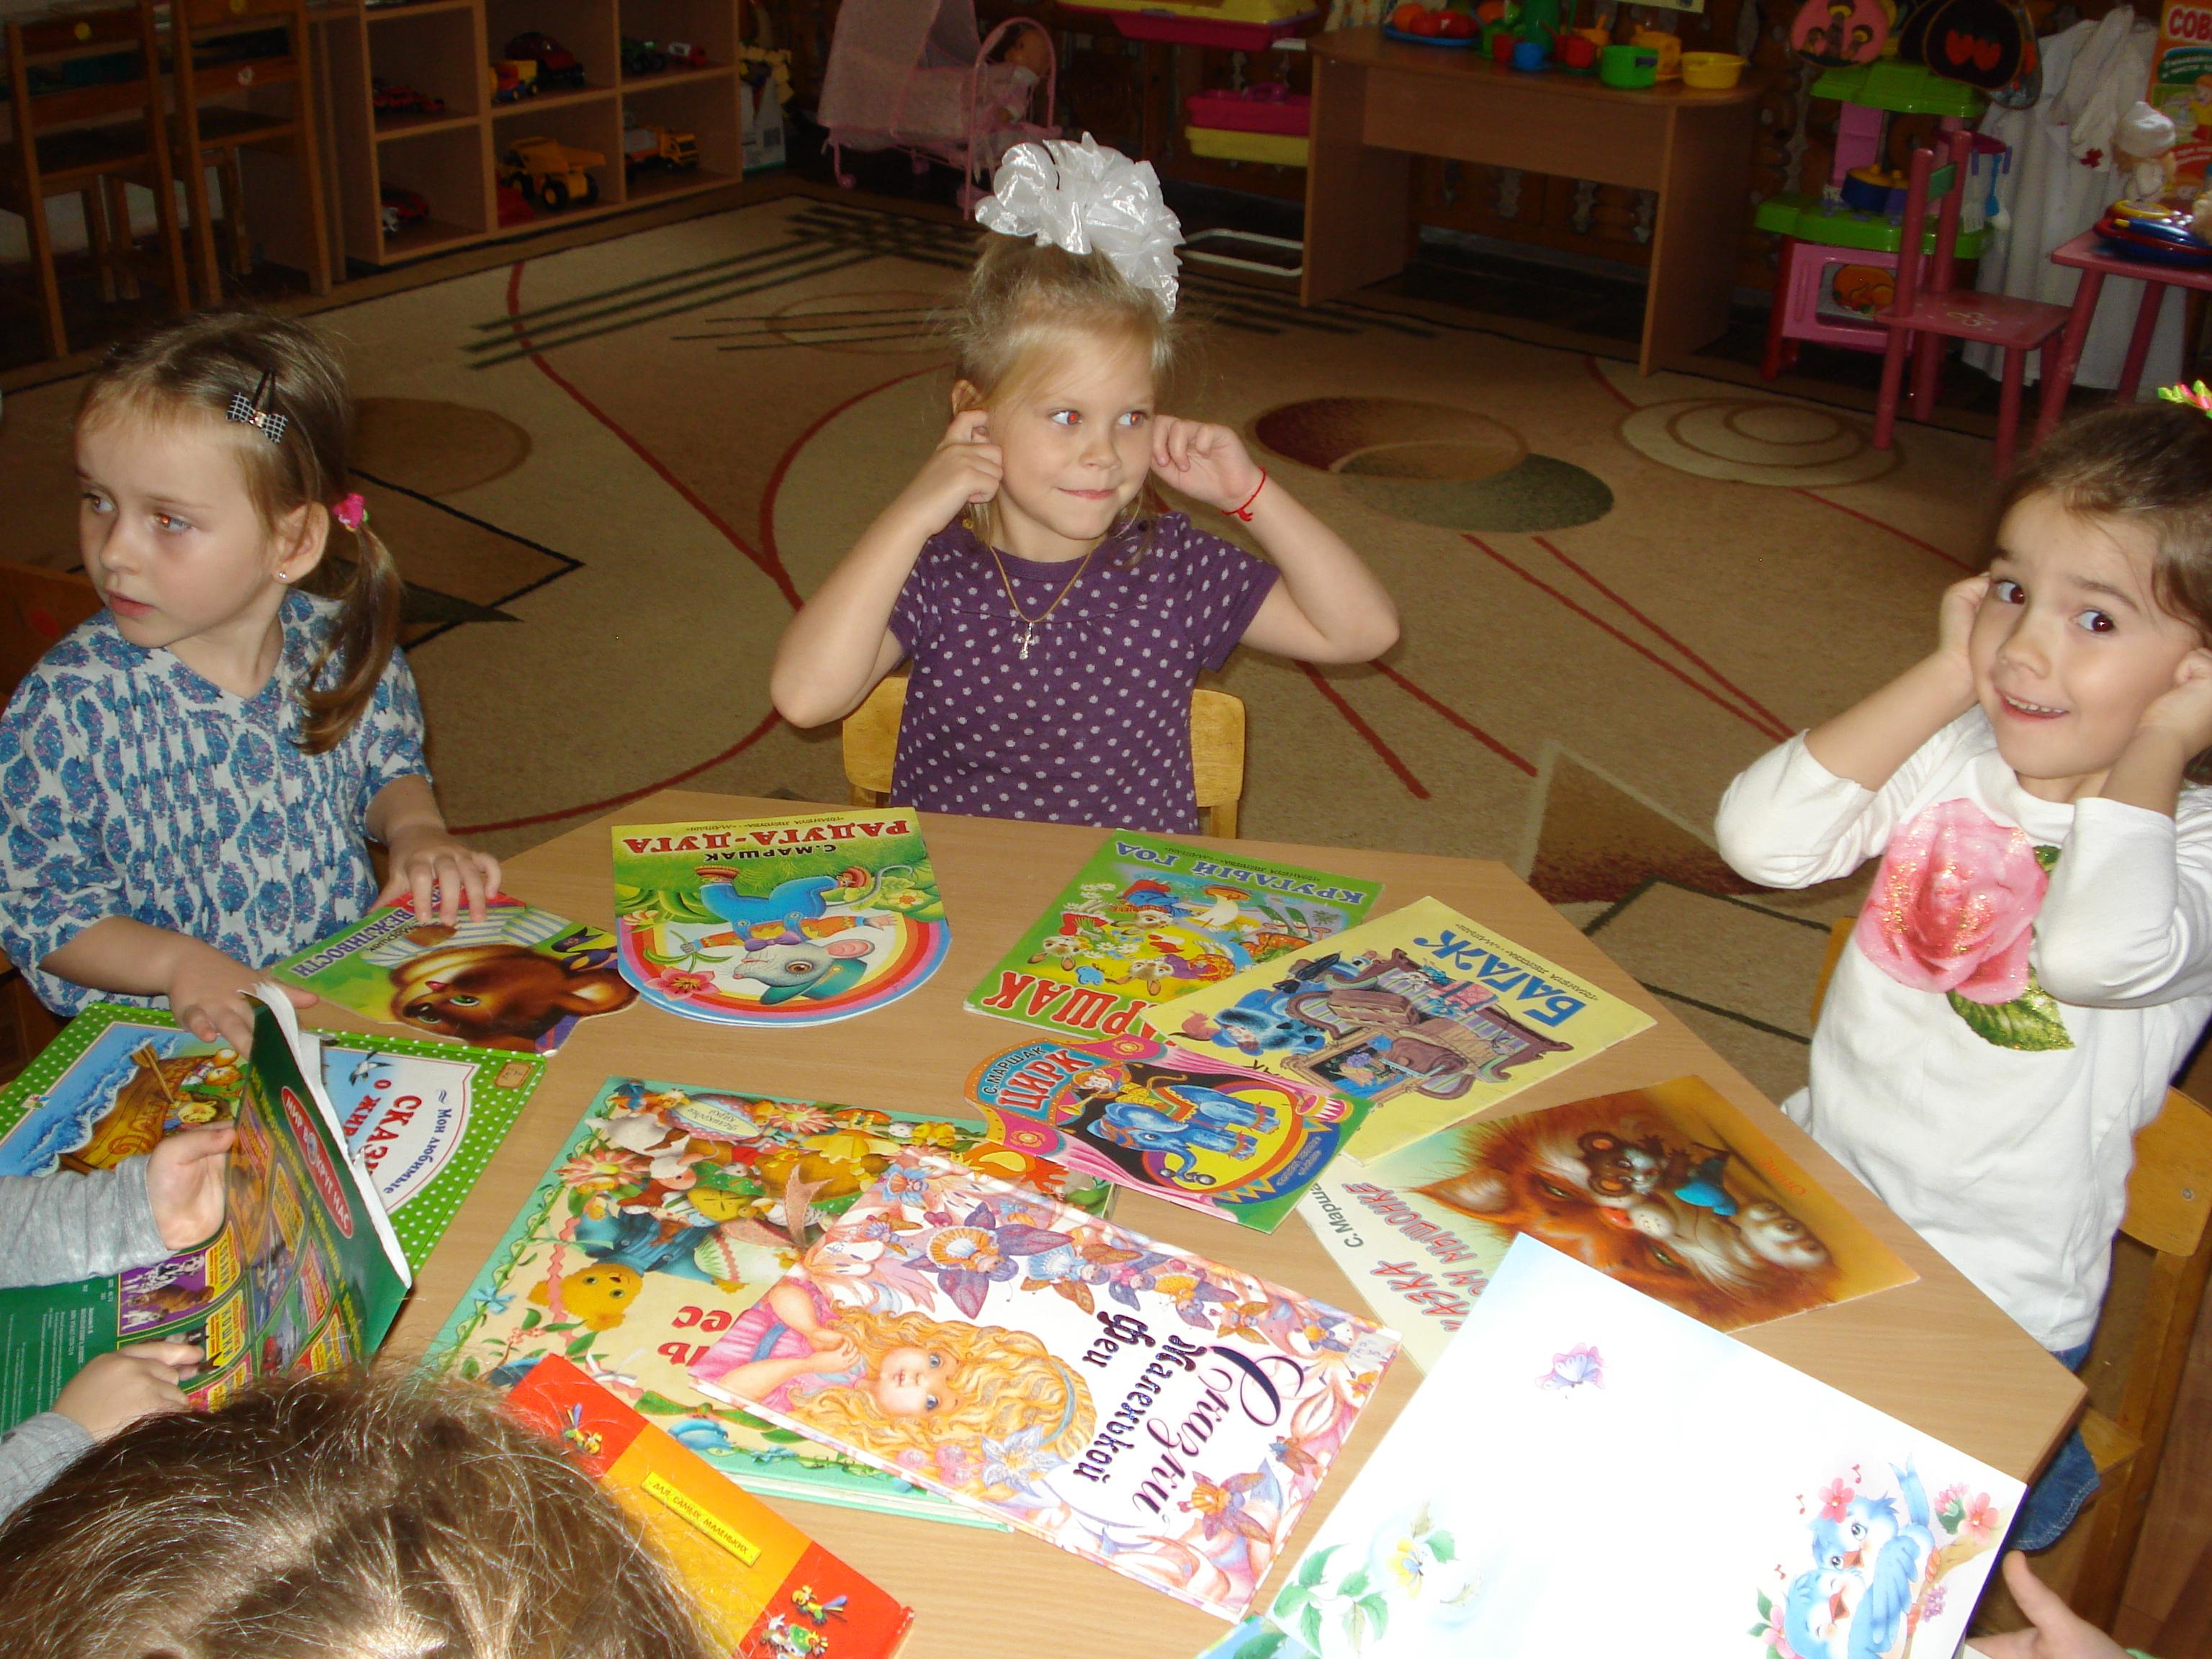 детям о книгах, донецкая республиканская библиотека для детей, отдел дошкольников и учащихся 1-4 классов, занятия с детьми